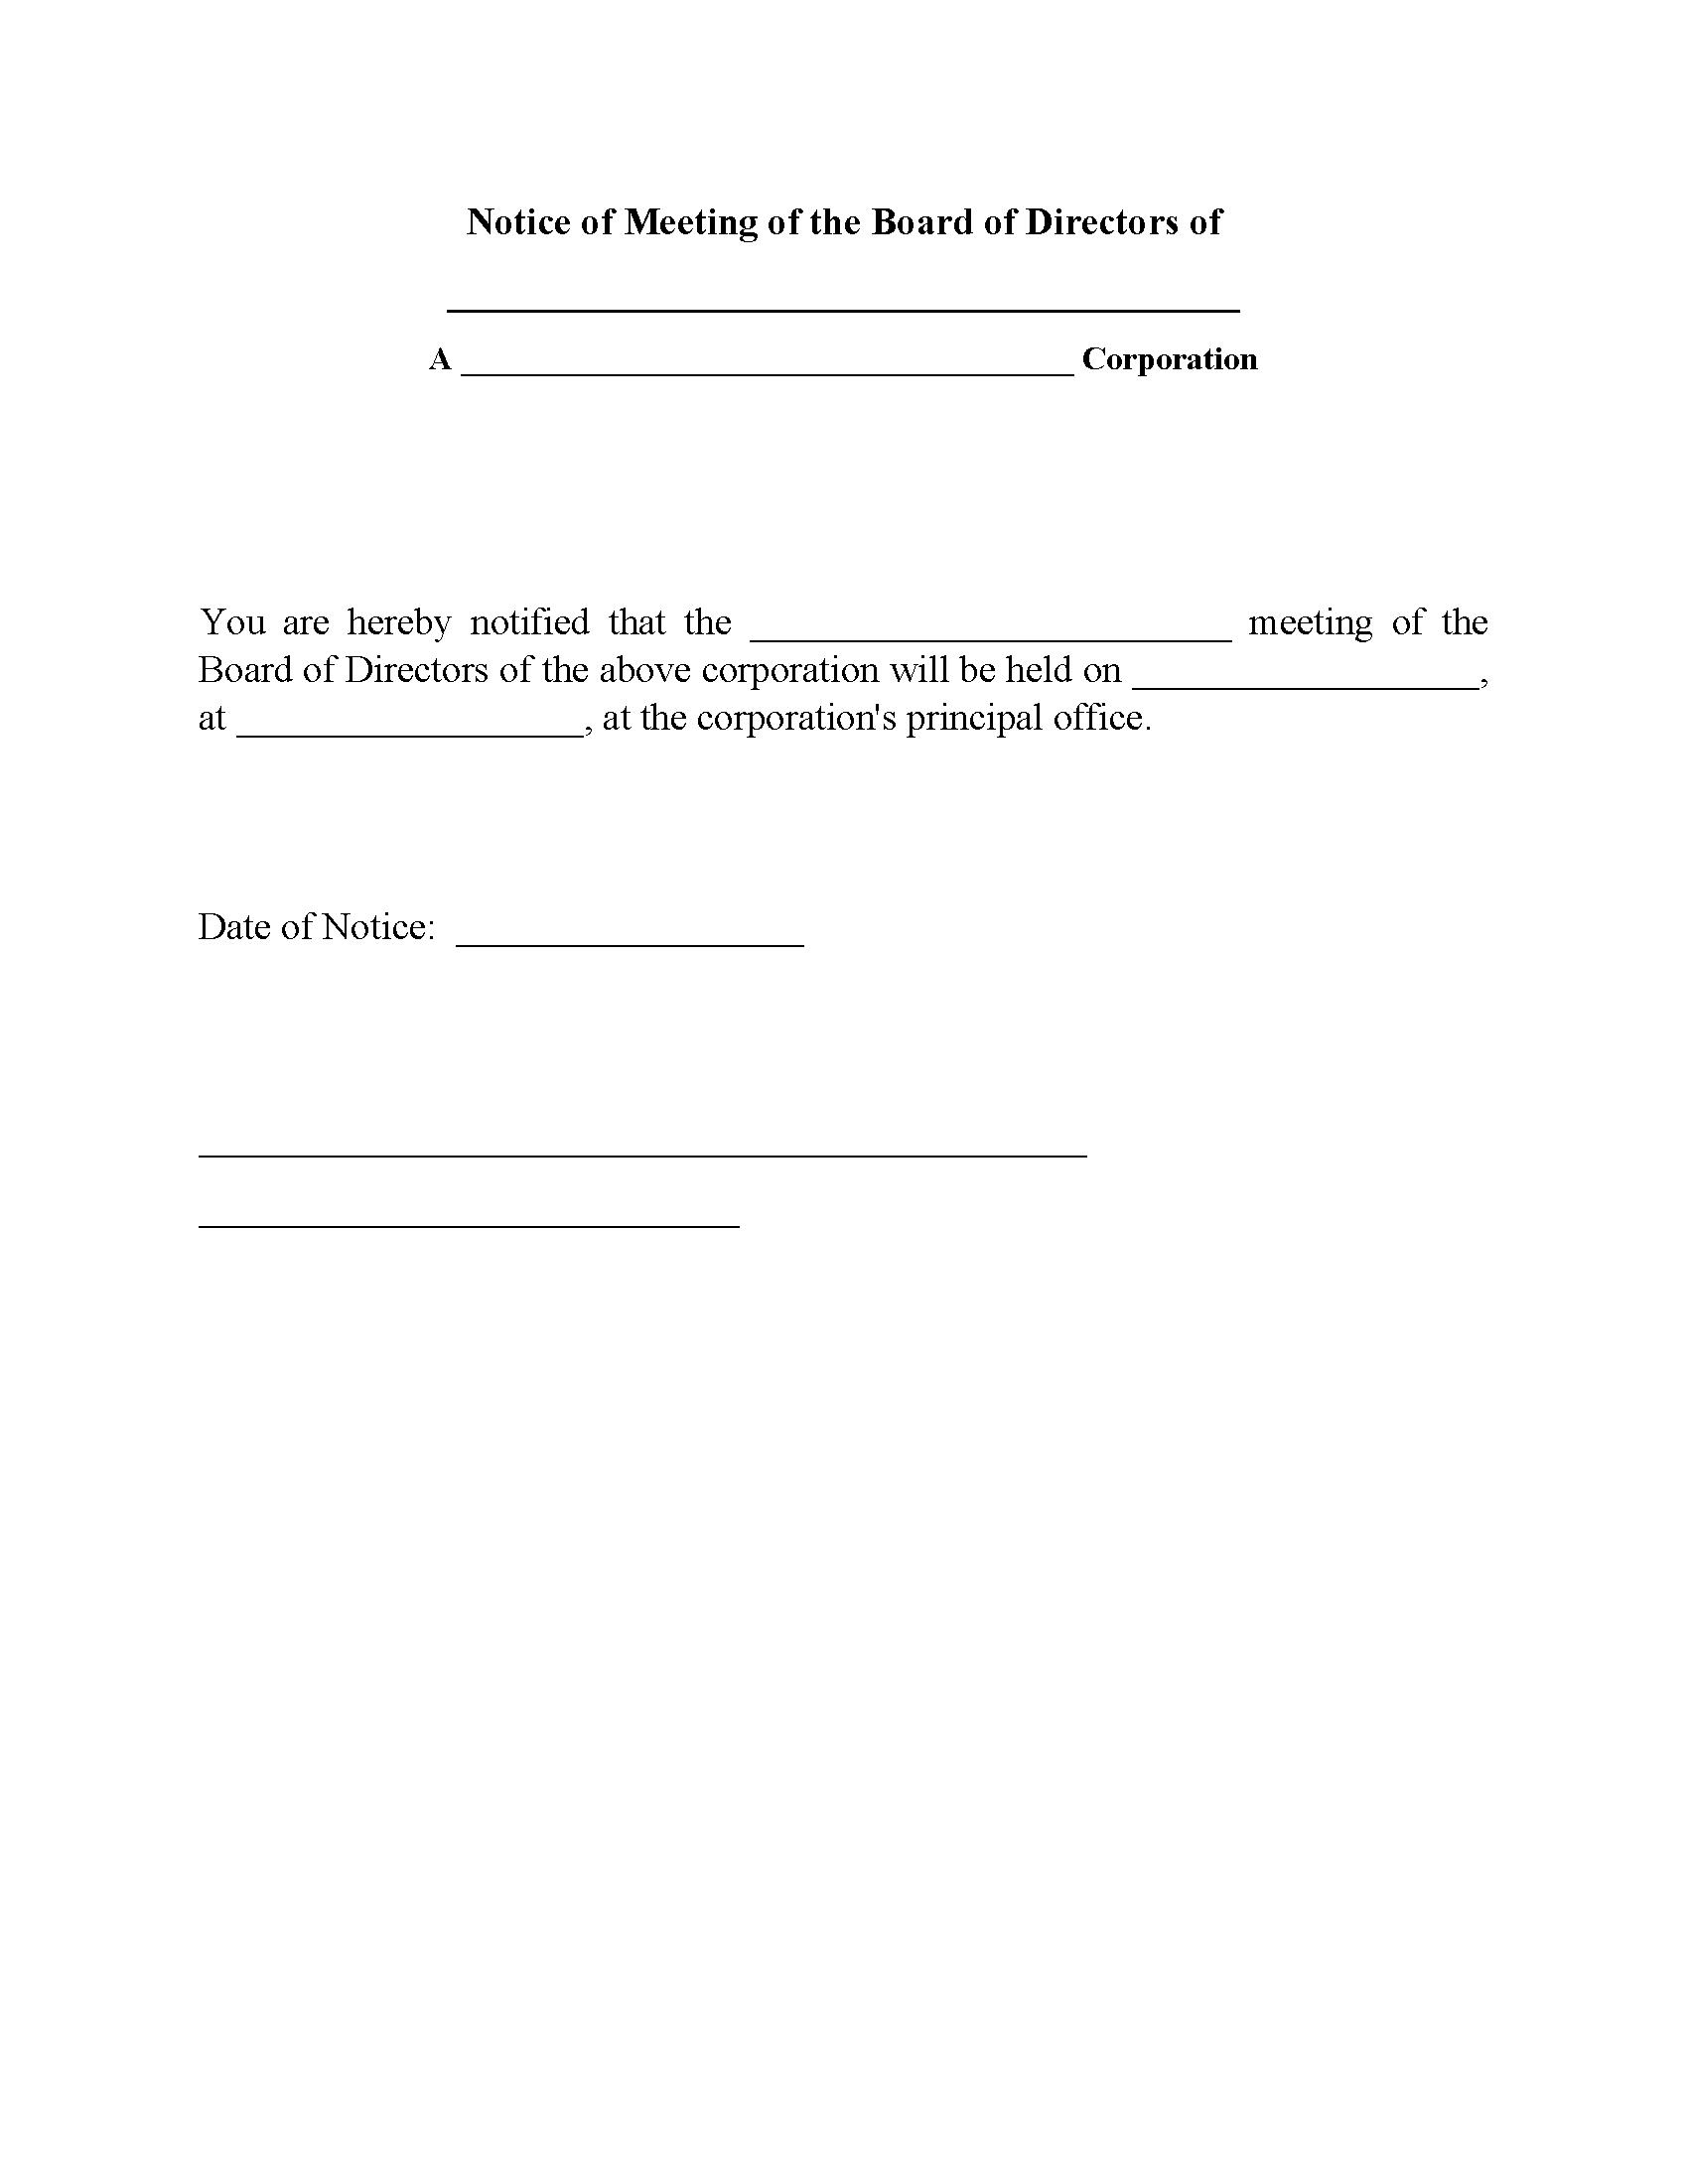 Notice of Meeting of Board of Directors